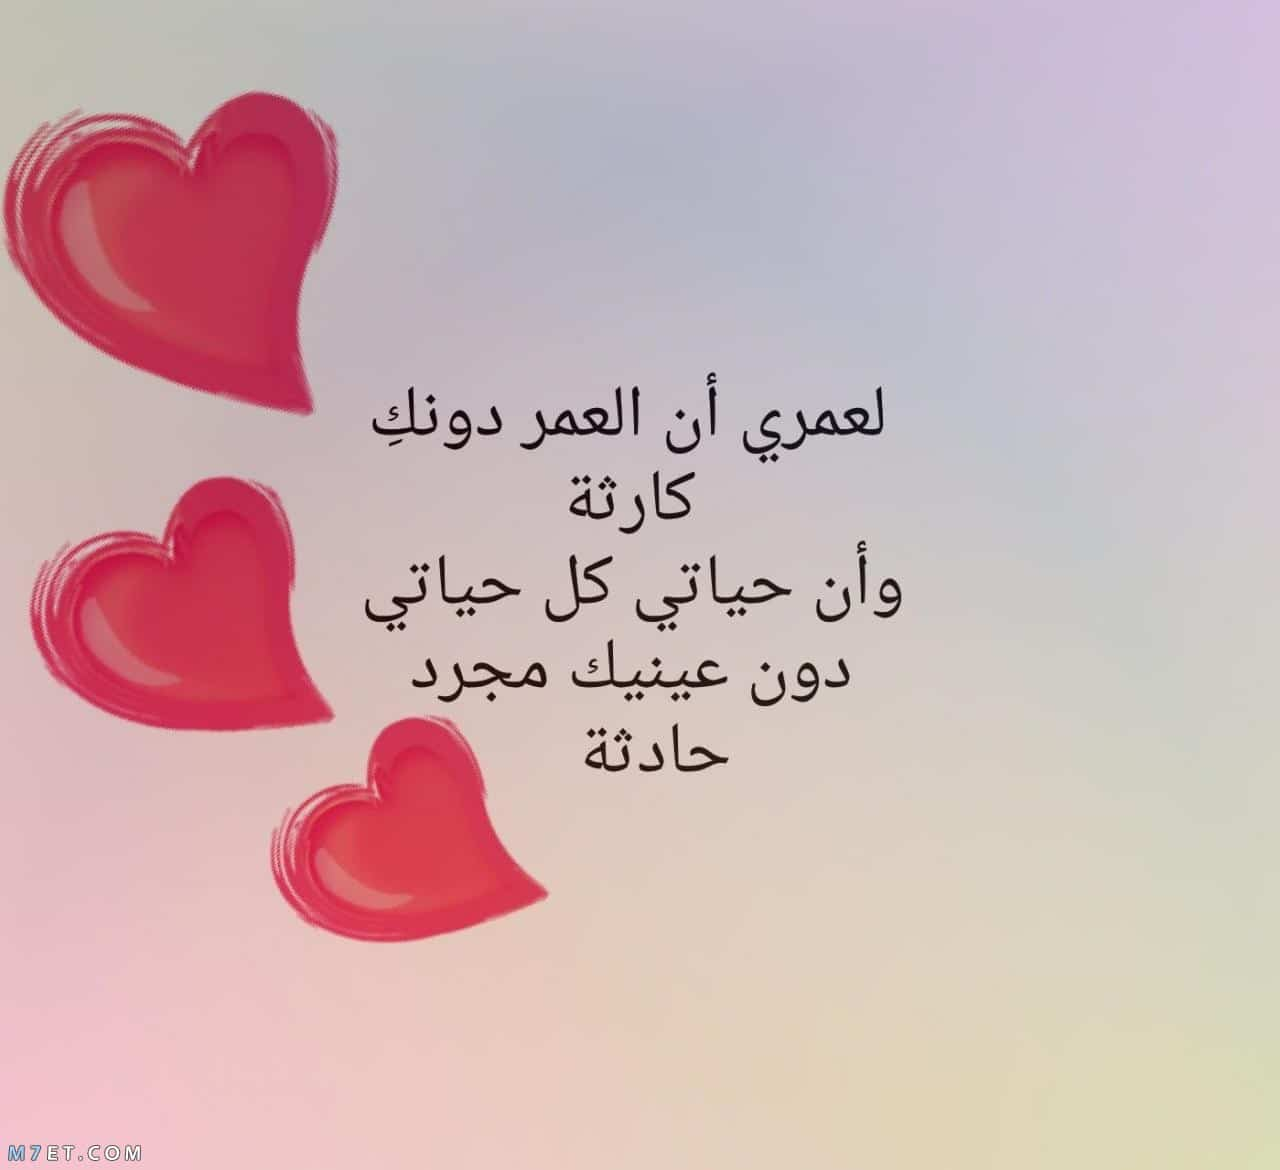 كلام جميل من القلب قصير